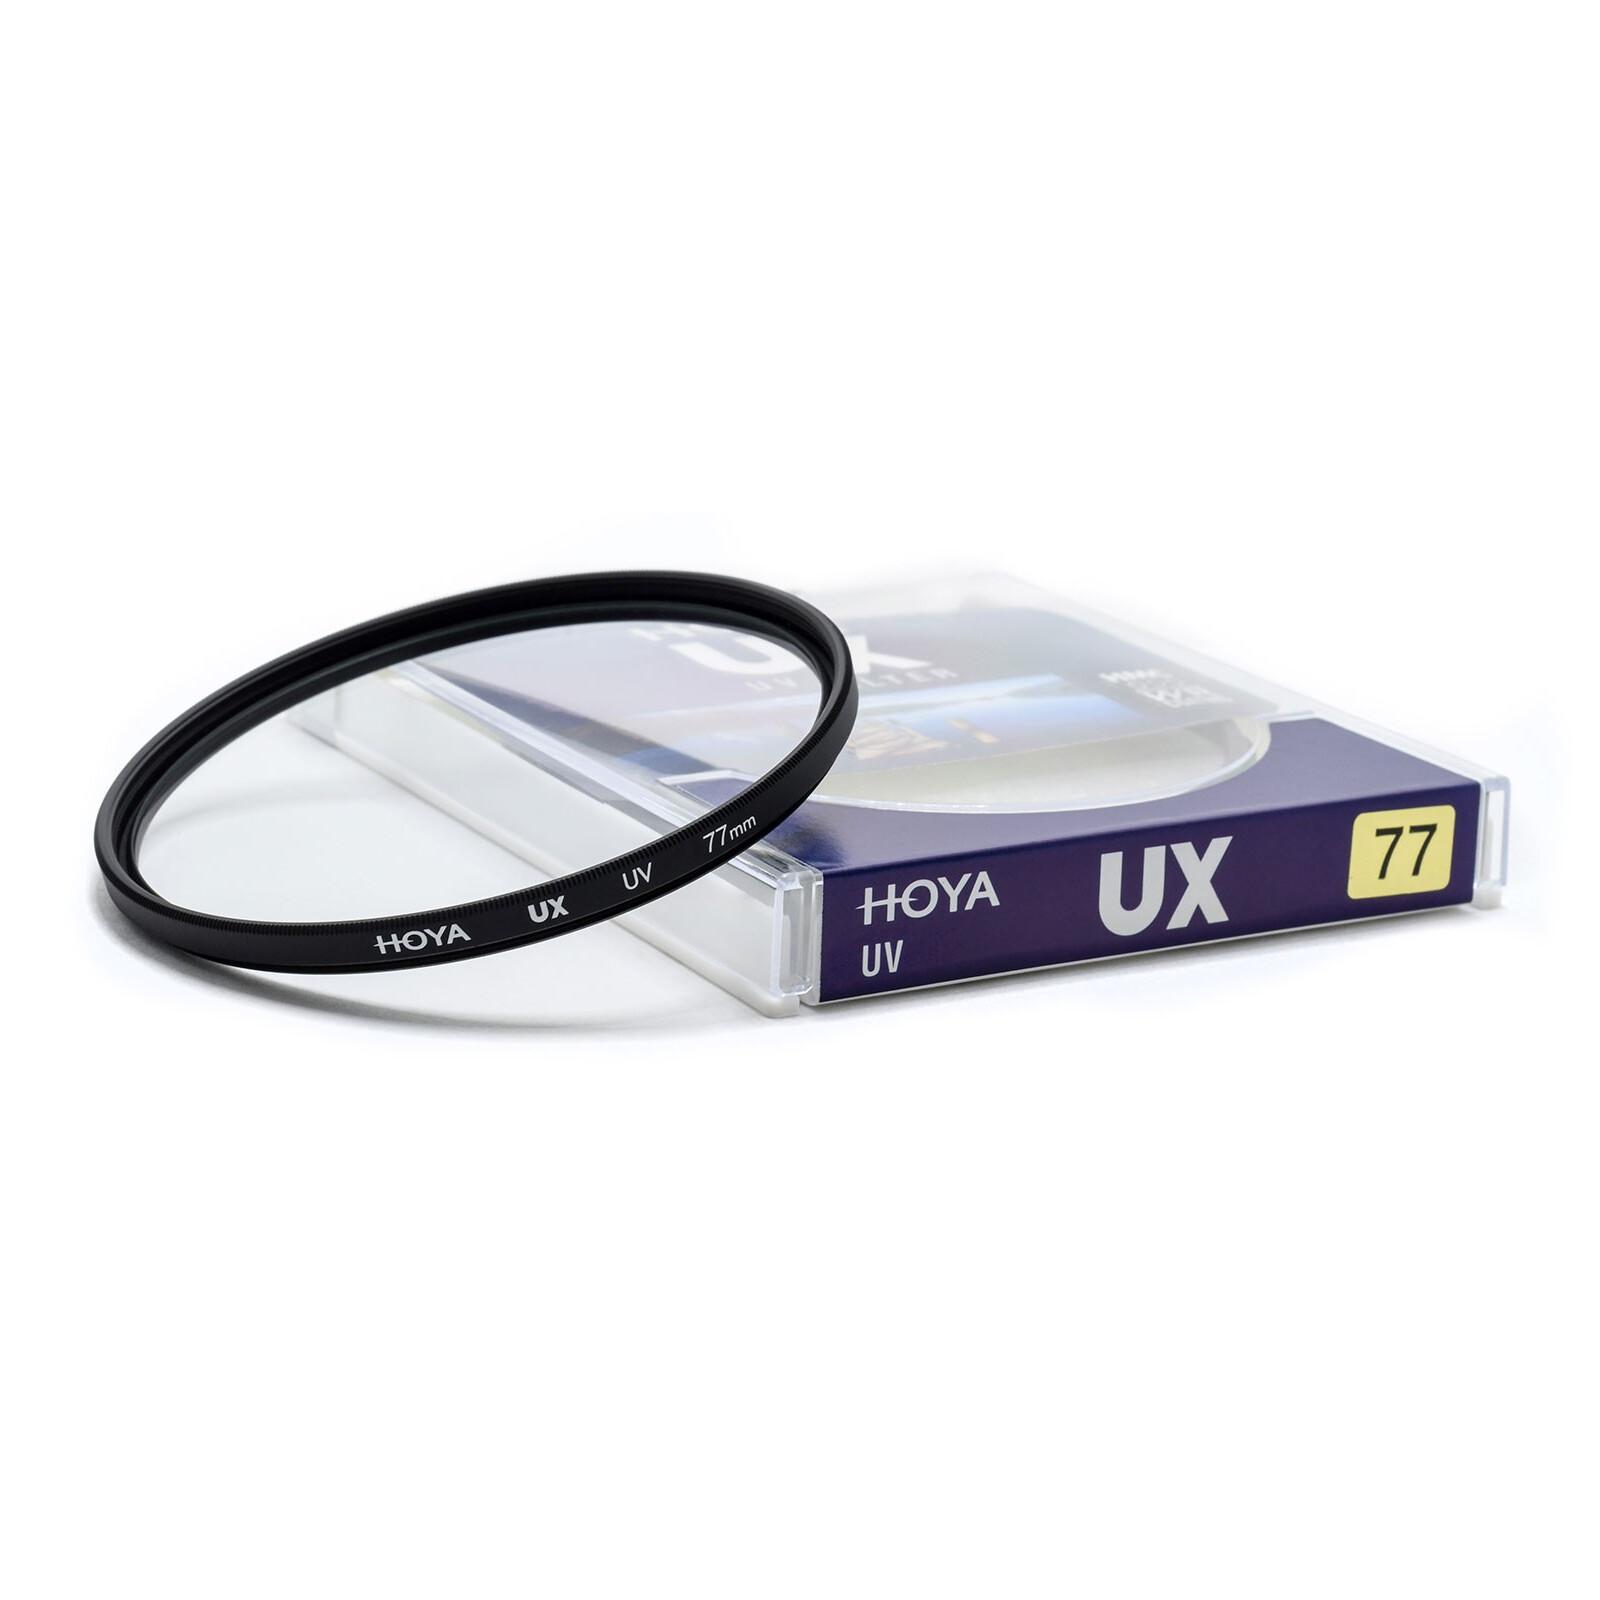 Hoya UX UV Filter